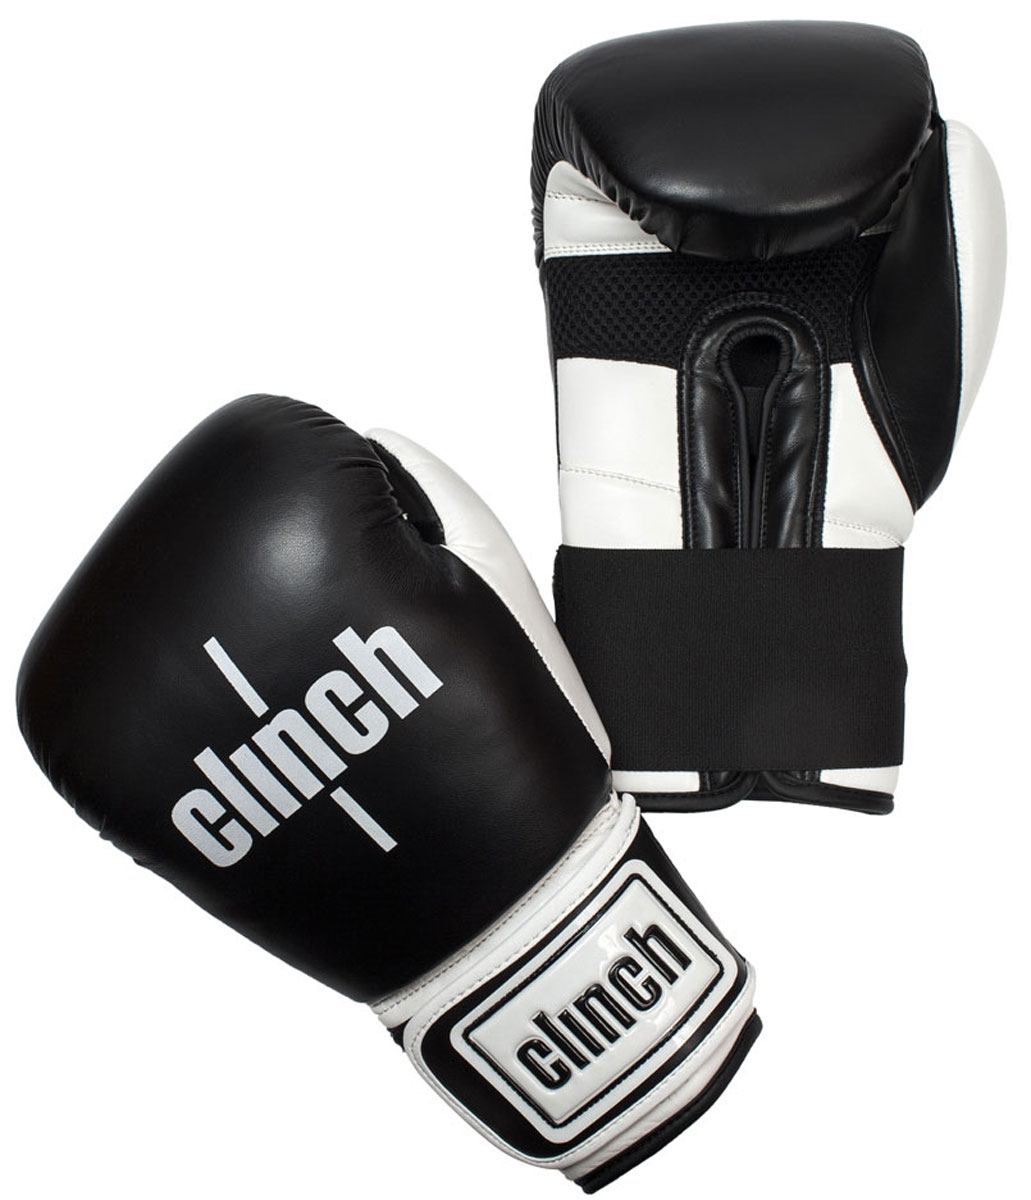 Перчатки боксерские Clinch Punch, цвет: черно-белый, 16 унций. C131SCG-2048cБоксерские перчатки Punch. Изготовлены из высококачественного, прочного эластичного полиуретана. Многослойный пенный наполнитель обеспечивает улучшенную анатомическую посадку, комфорт и высокий уровень защиты. Широкая резинка позволяет оптимально фиксировать запястье.